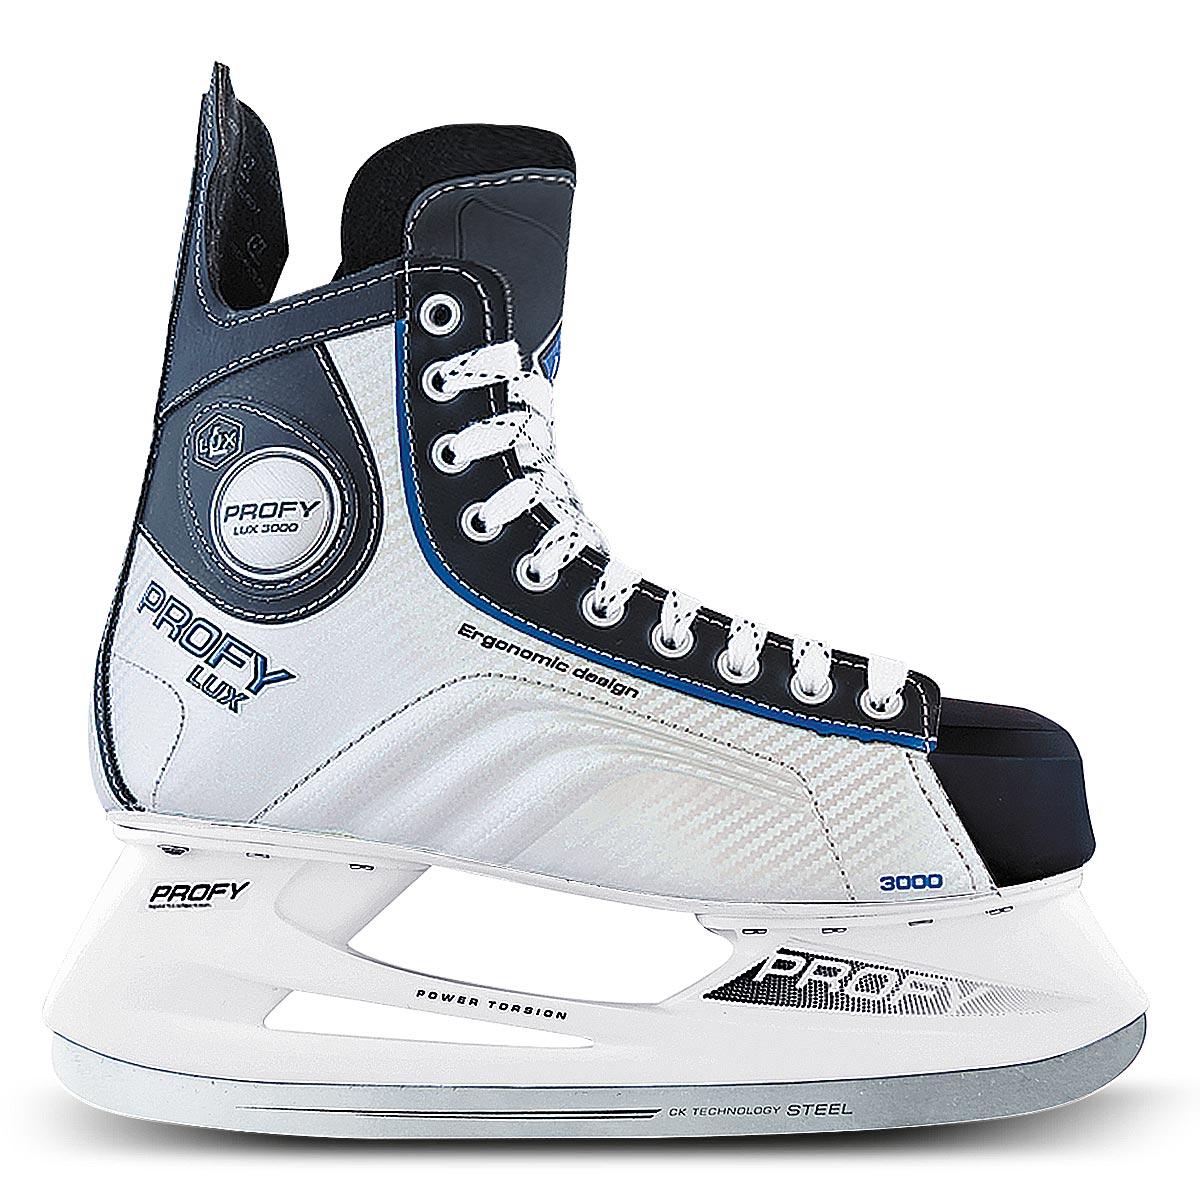 Коньки хоккейные мужские СК Profy Lux 3000, цвет: черный, серебряный, синий. Размер 40PROFY LUX 3000 Blue_40Коньки хоккейные мужские СК Profy Lux 3000 прекрасно подойдут для профессиональных игроков в хоккей. Ботинок выполнен из морозоустойчивой искусственной кожи и специального резистентного ПВХ, а язычок - из двухслойного войлока и искусственной кожи. Слоевая композитная технология позволила изготовить ботинок, полностью обволакивающий ногу. Это обеспечивает прочную и удобную фиксацию ноги, повышает защиту от ударов. Ботинок изготовлен с учетом антропометрии стоп россиян, что обеспечивает комфорт и устойчивость ноги, правильное распределение нагрузки, сильно снижает травмоопасность. Конструкция носка ботинка, изготовленного из ударопрочного энергопоглощающего термопластичного полиуретана Hytrel® (DuPont), обеспечивает увеличенную надежность защиты передней части ступни от ударов. Усиленные боковины ботинка из формованного PVC укрепляют боковую часть ботинка и дополнительно защищают ступню от ударов за счет поглощения энергии. Тип застежки ботинок – классическая шнуровка. Стелька из упругого пенного полимерного материала EVA гарантирует комфортное положение ноги в ботинке, обеспечивает быструю адаптацию ботинка к индивидуальным формам ноги, не теряет упругости при изменении температуры и не разрушается от воздействия пота и влаги. Легкая прочная низкопрофильная полимерная подошва инжекционного формования практически без потерь передает энергию от толчка ноги к лезвию – быстрее набор скорости, резче повороты и остановки, острее чувство льда. Лезвие из нержавеющей стали 420J обеспечит превосходное скольжение.